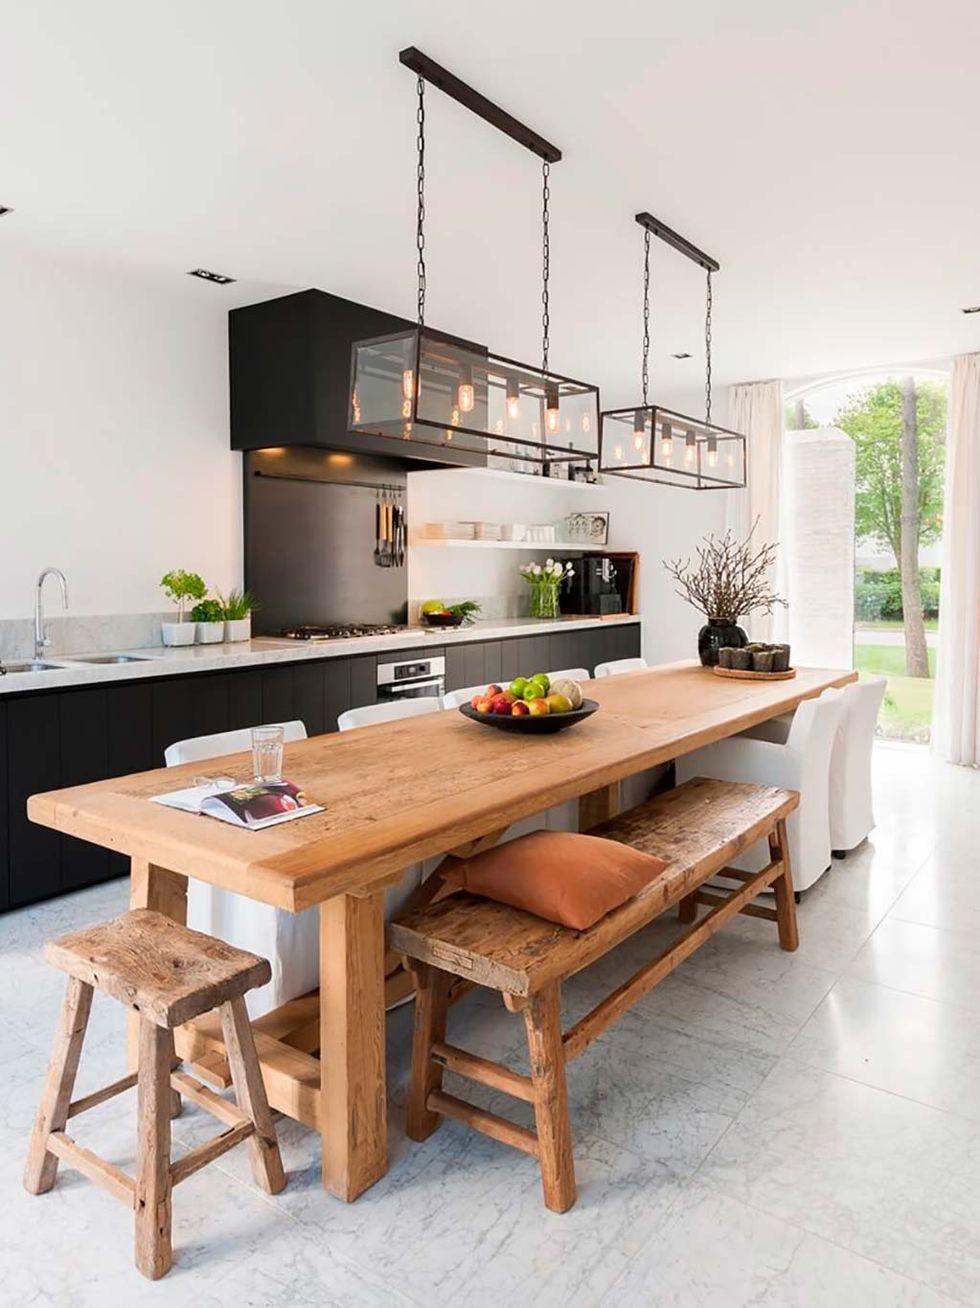 Pon una cocina abierta en tu vida... ¡Y que viva el espacio!